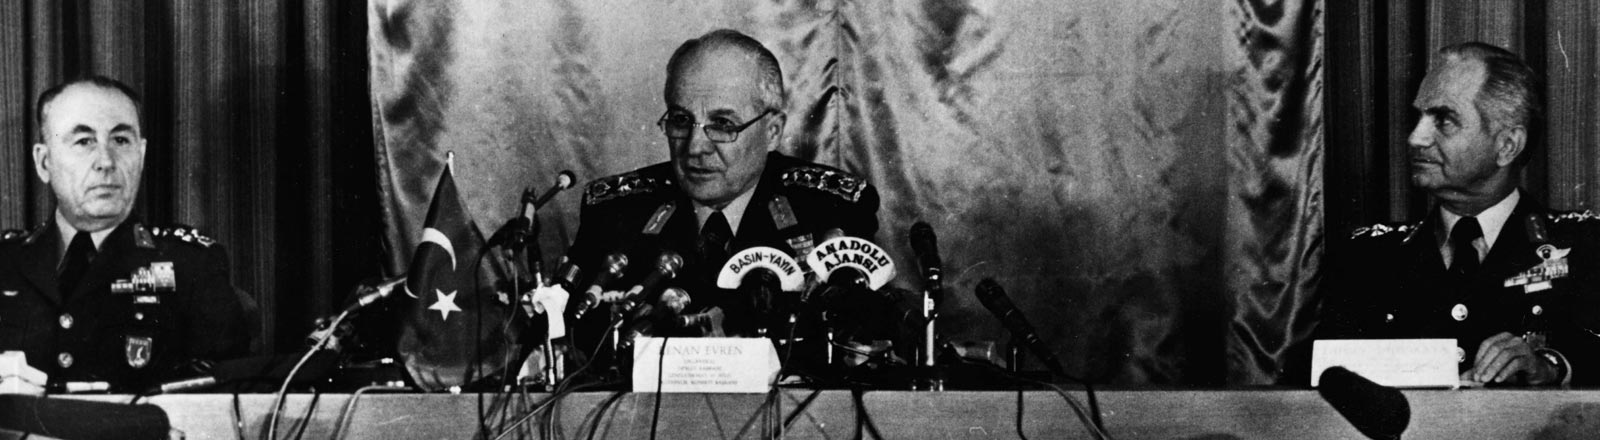 General Kenan Evren übernahm nach einem Putsch die Macht in der Türkei